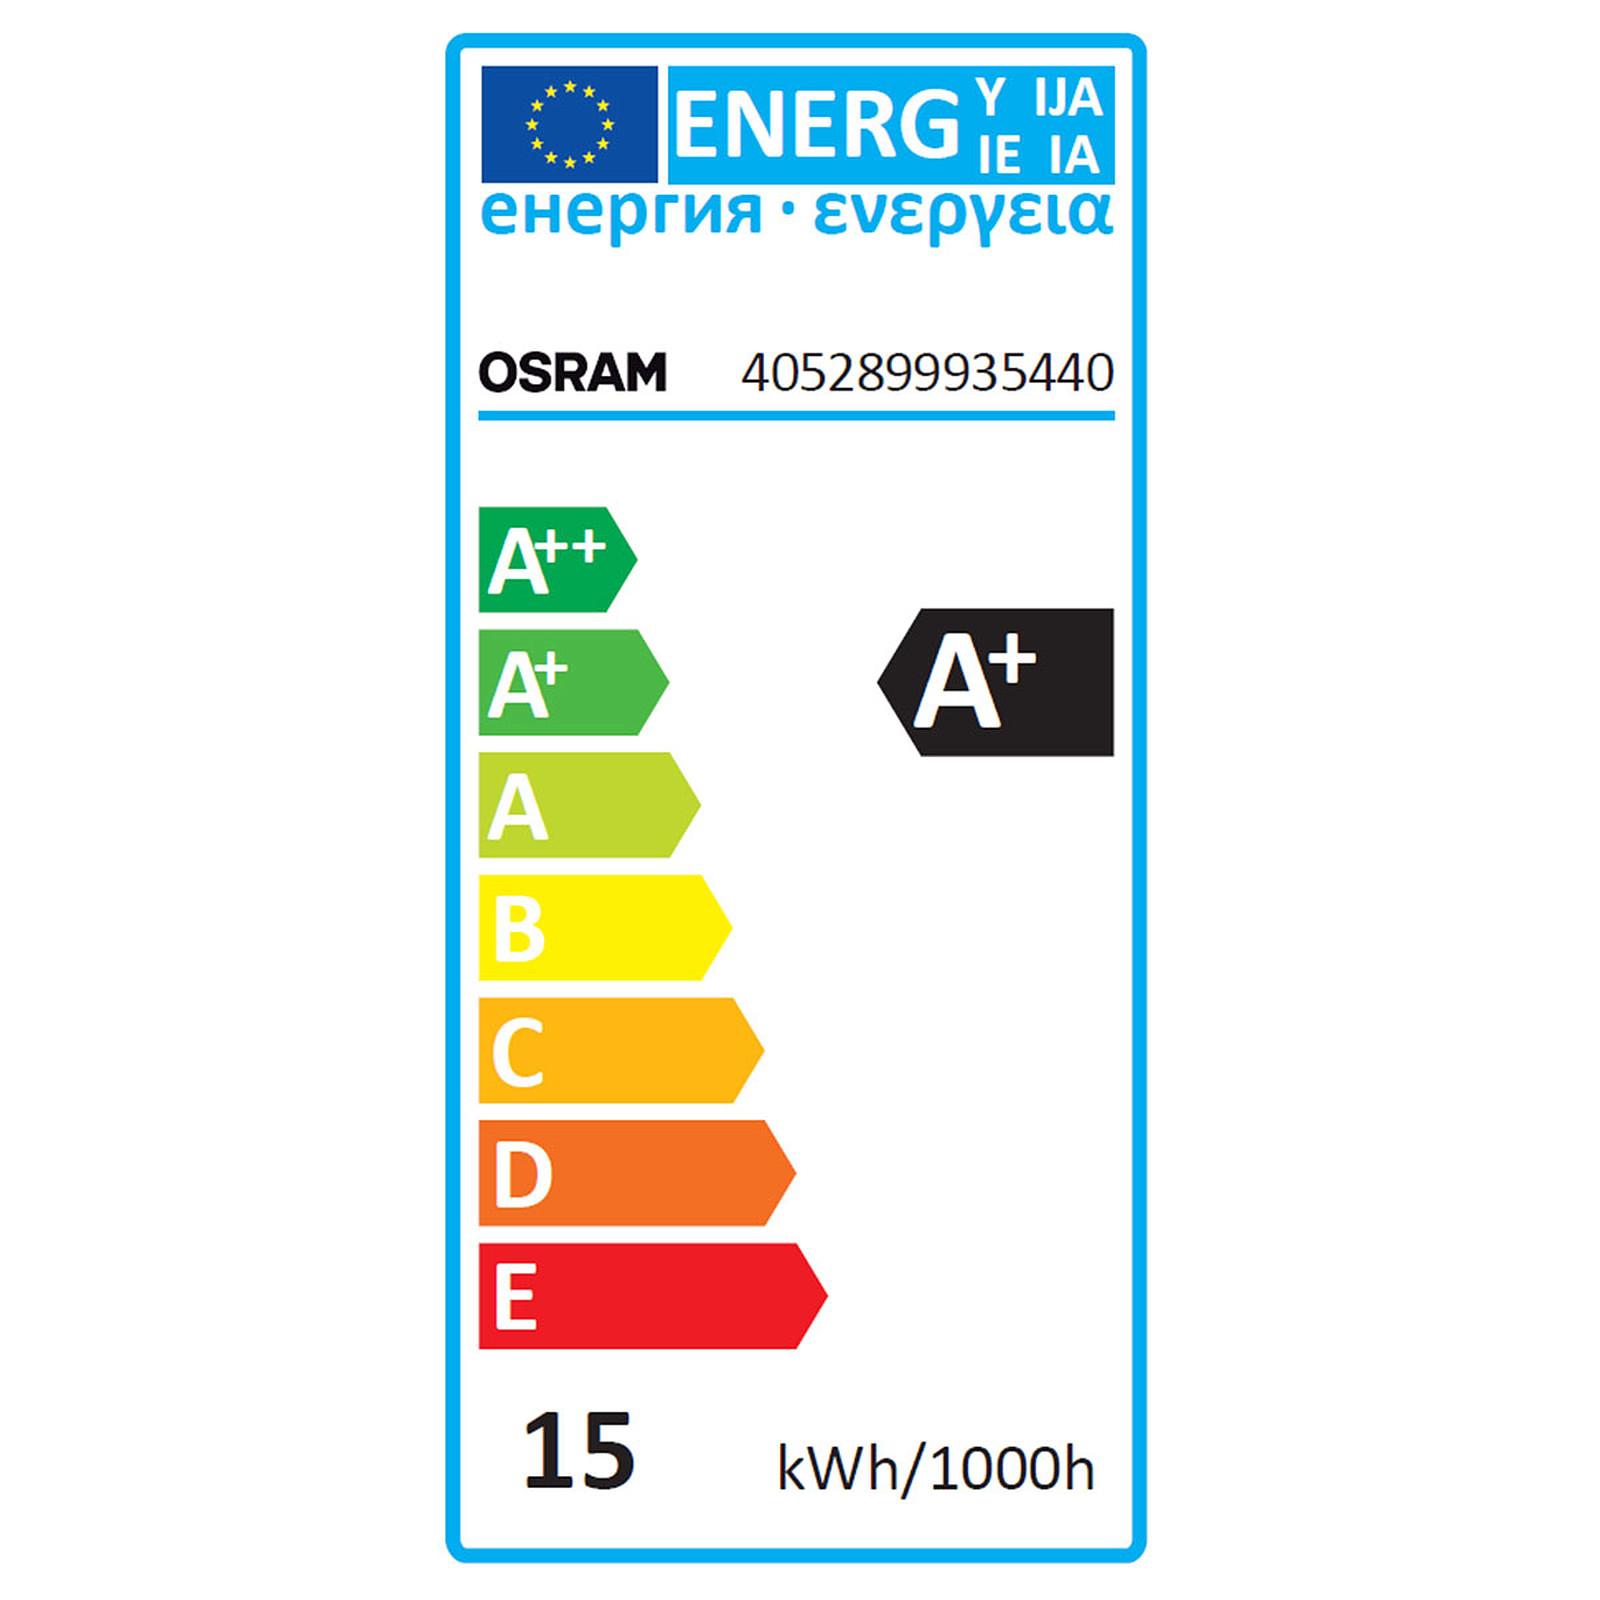 Osram Standard 14 Led E27 Ampoule Classic 5w100wA Superstar hxBdstQCr